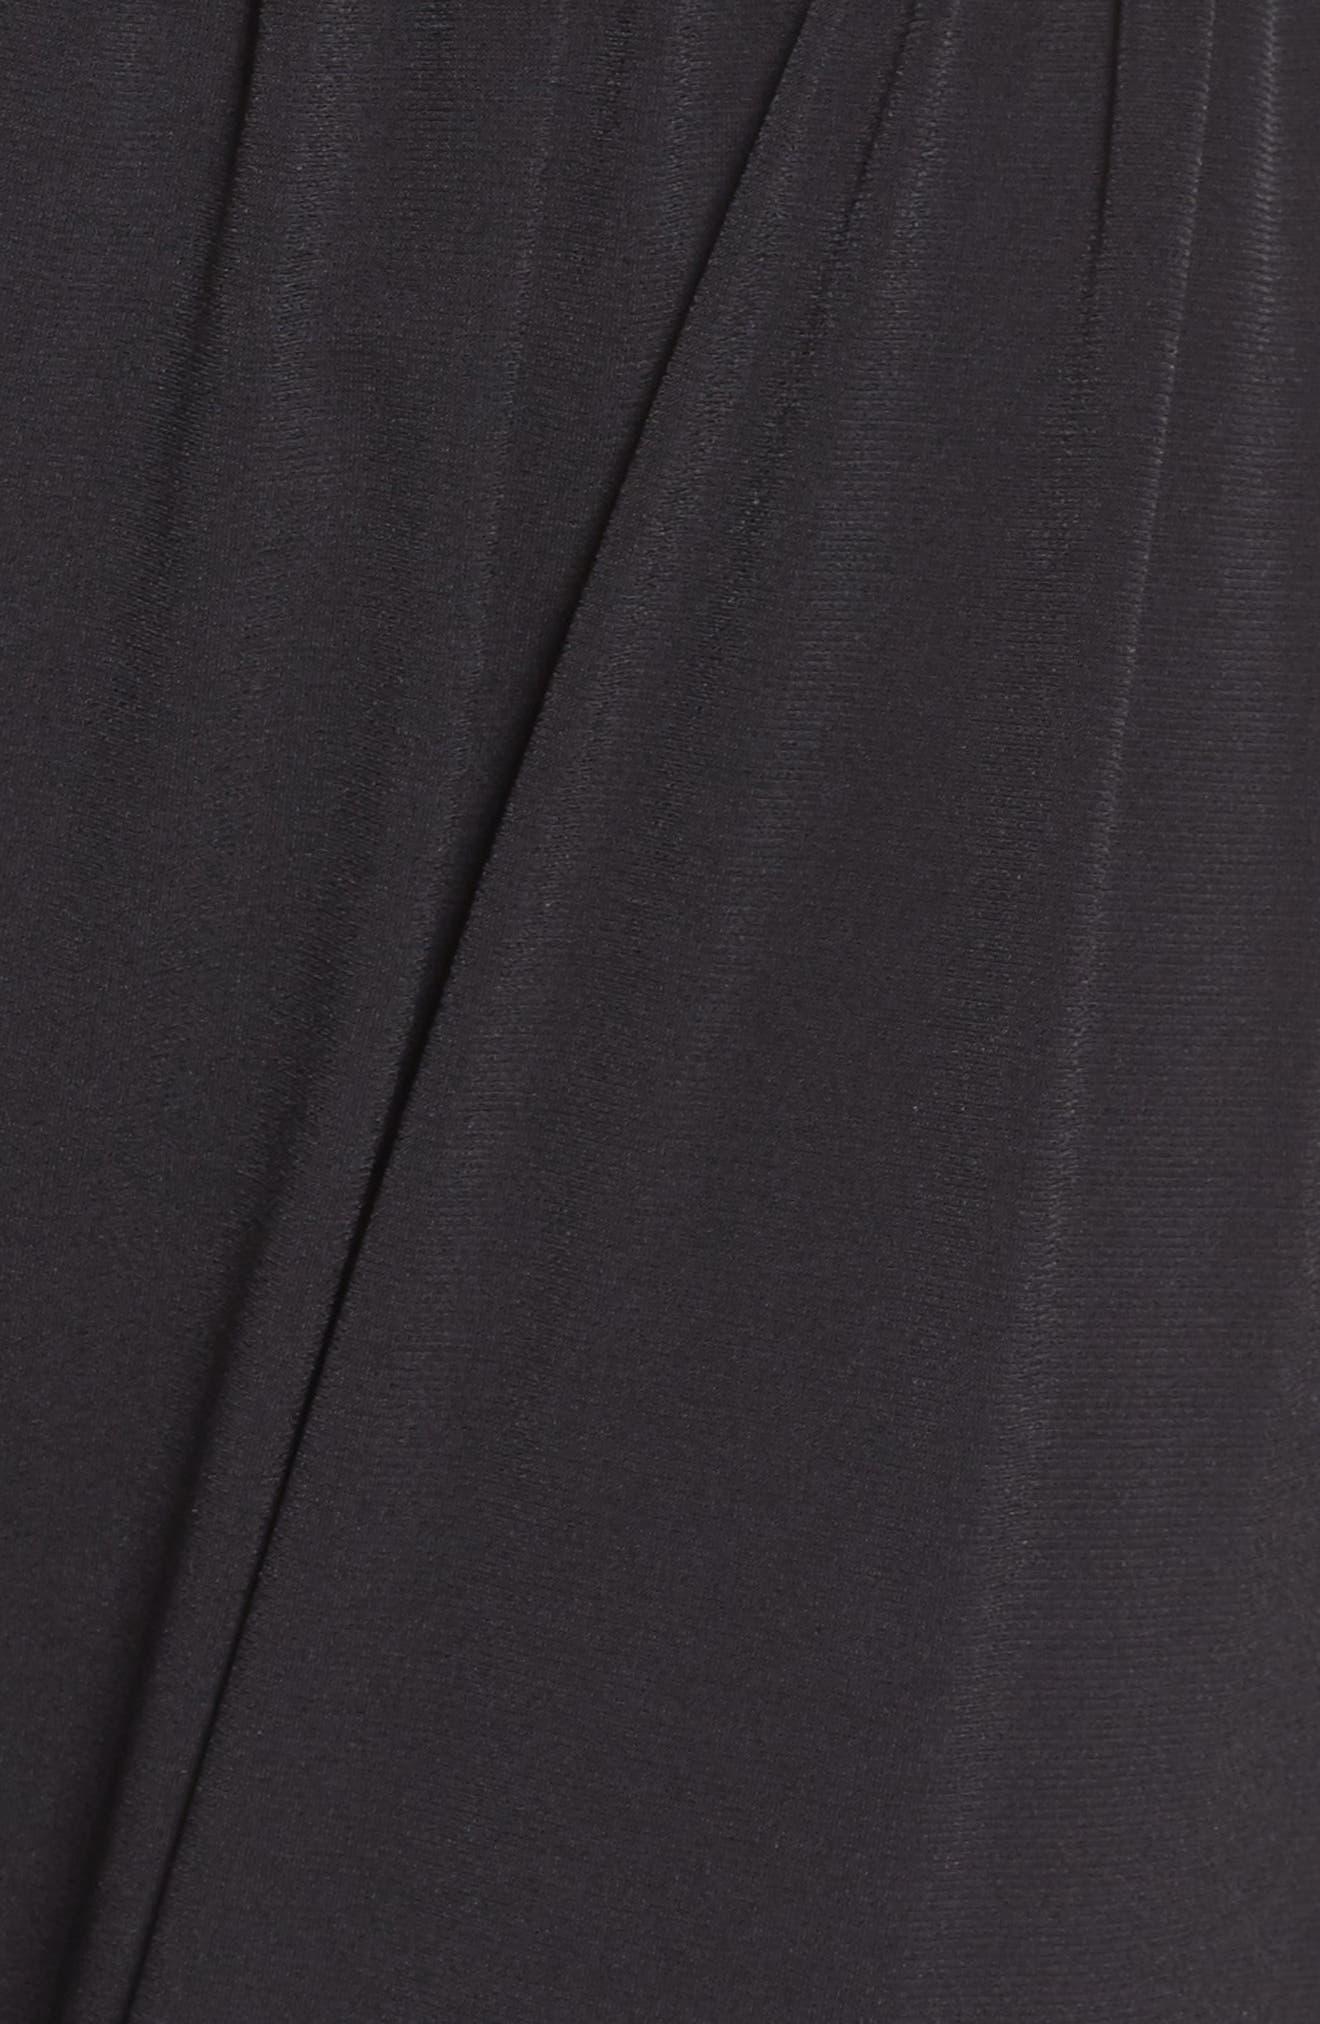 ONZIE, Harem Pants, Alternate thumbnail 6, color, BLACK